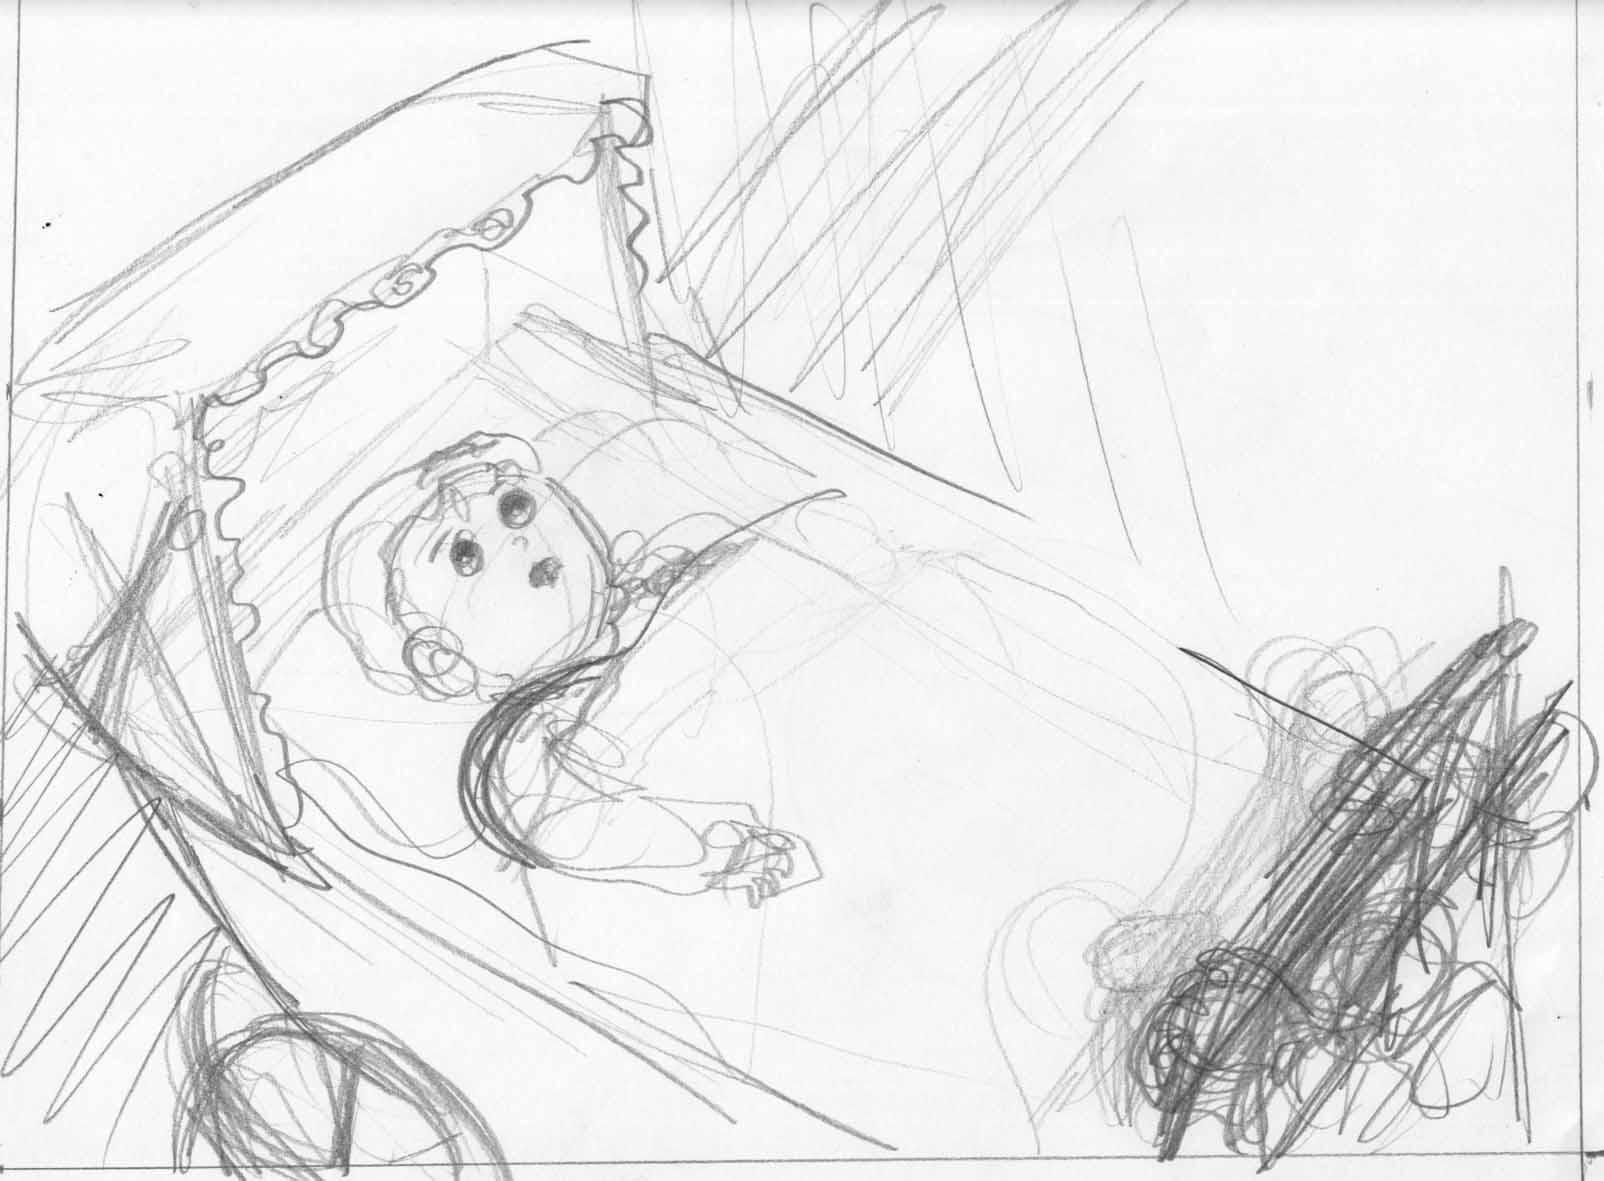 p-3-sketch-1